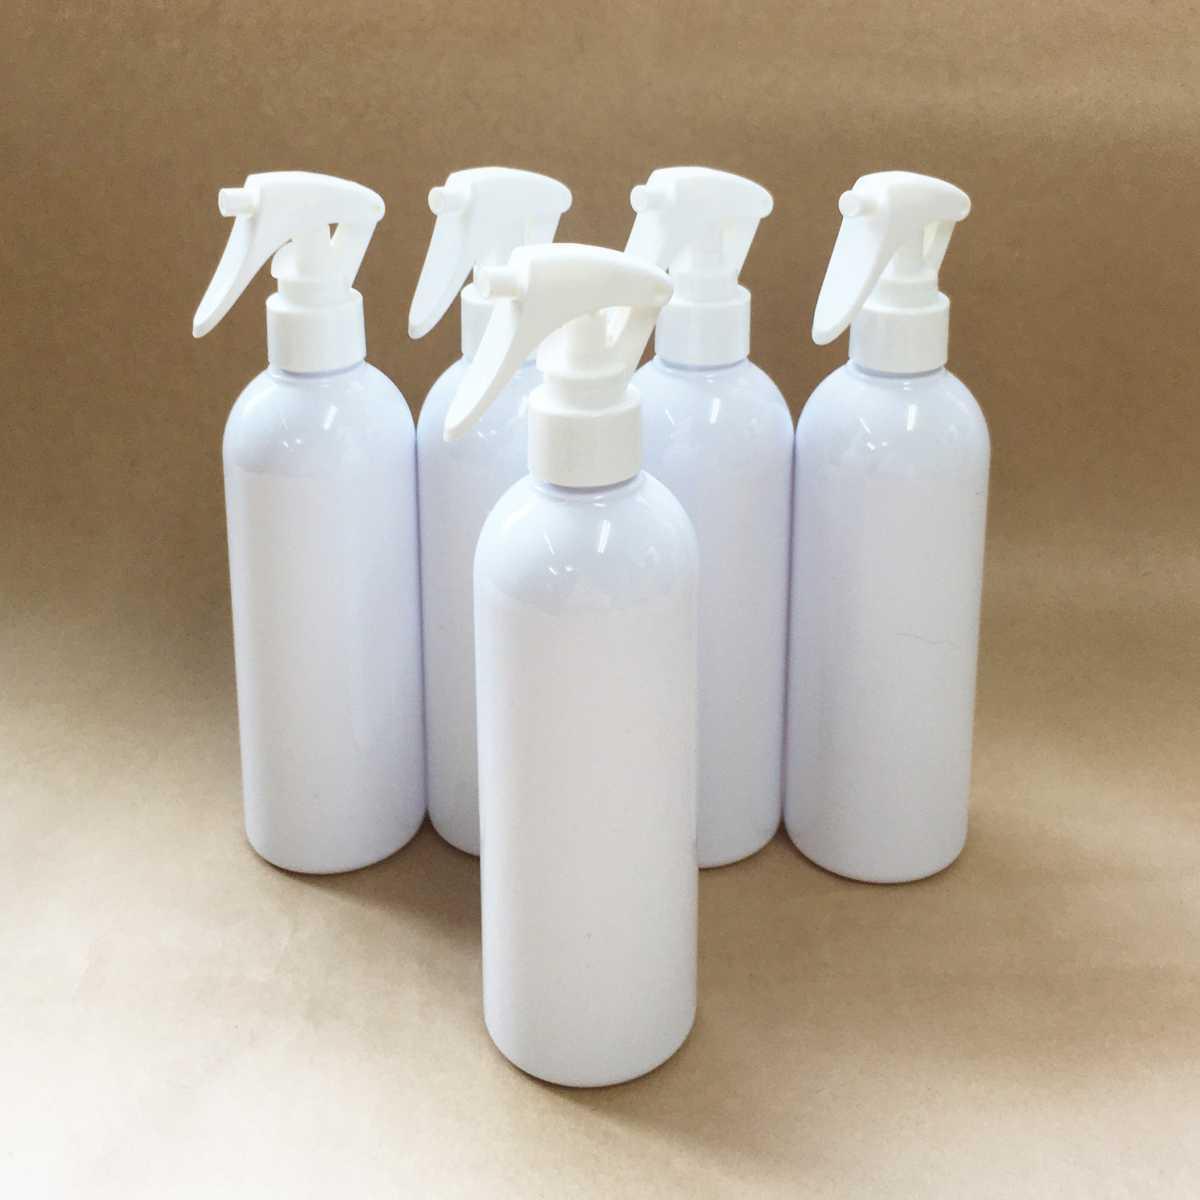 【新品/PET】スプレー空ボトル350ml×5本セット アルコール可能 噴霧ボトル スプレー容器 詰替ボトル 霧吹き ウイルス・コロナ対策_画像1